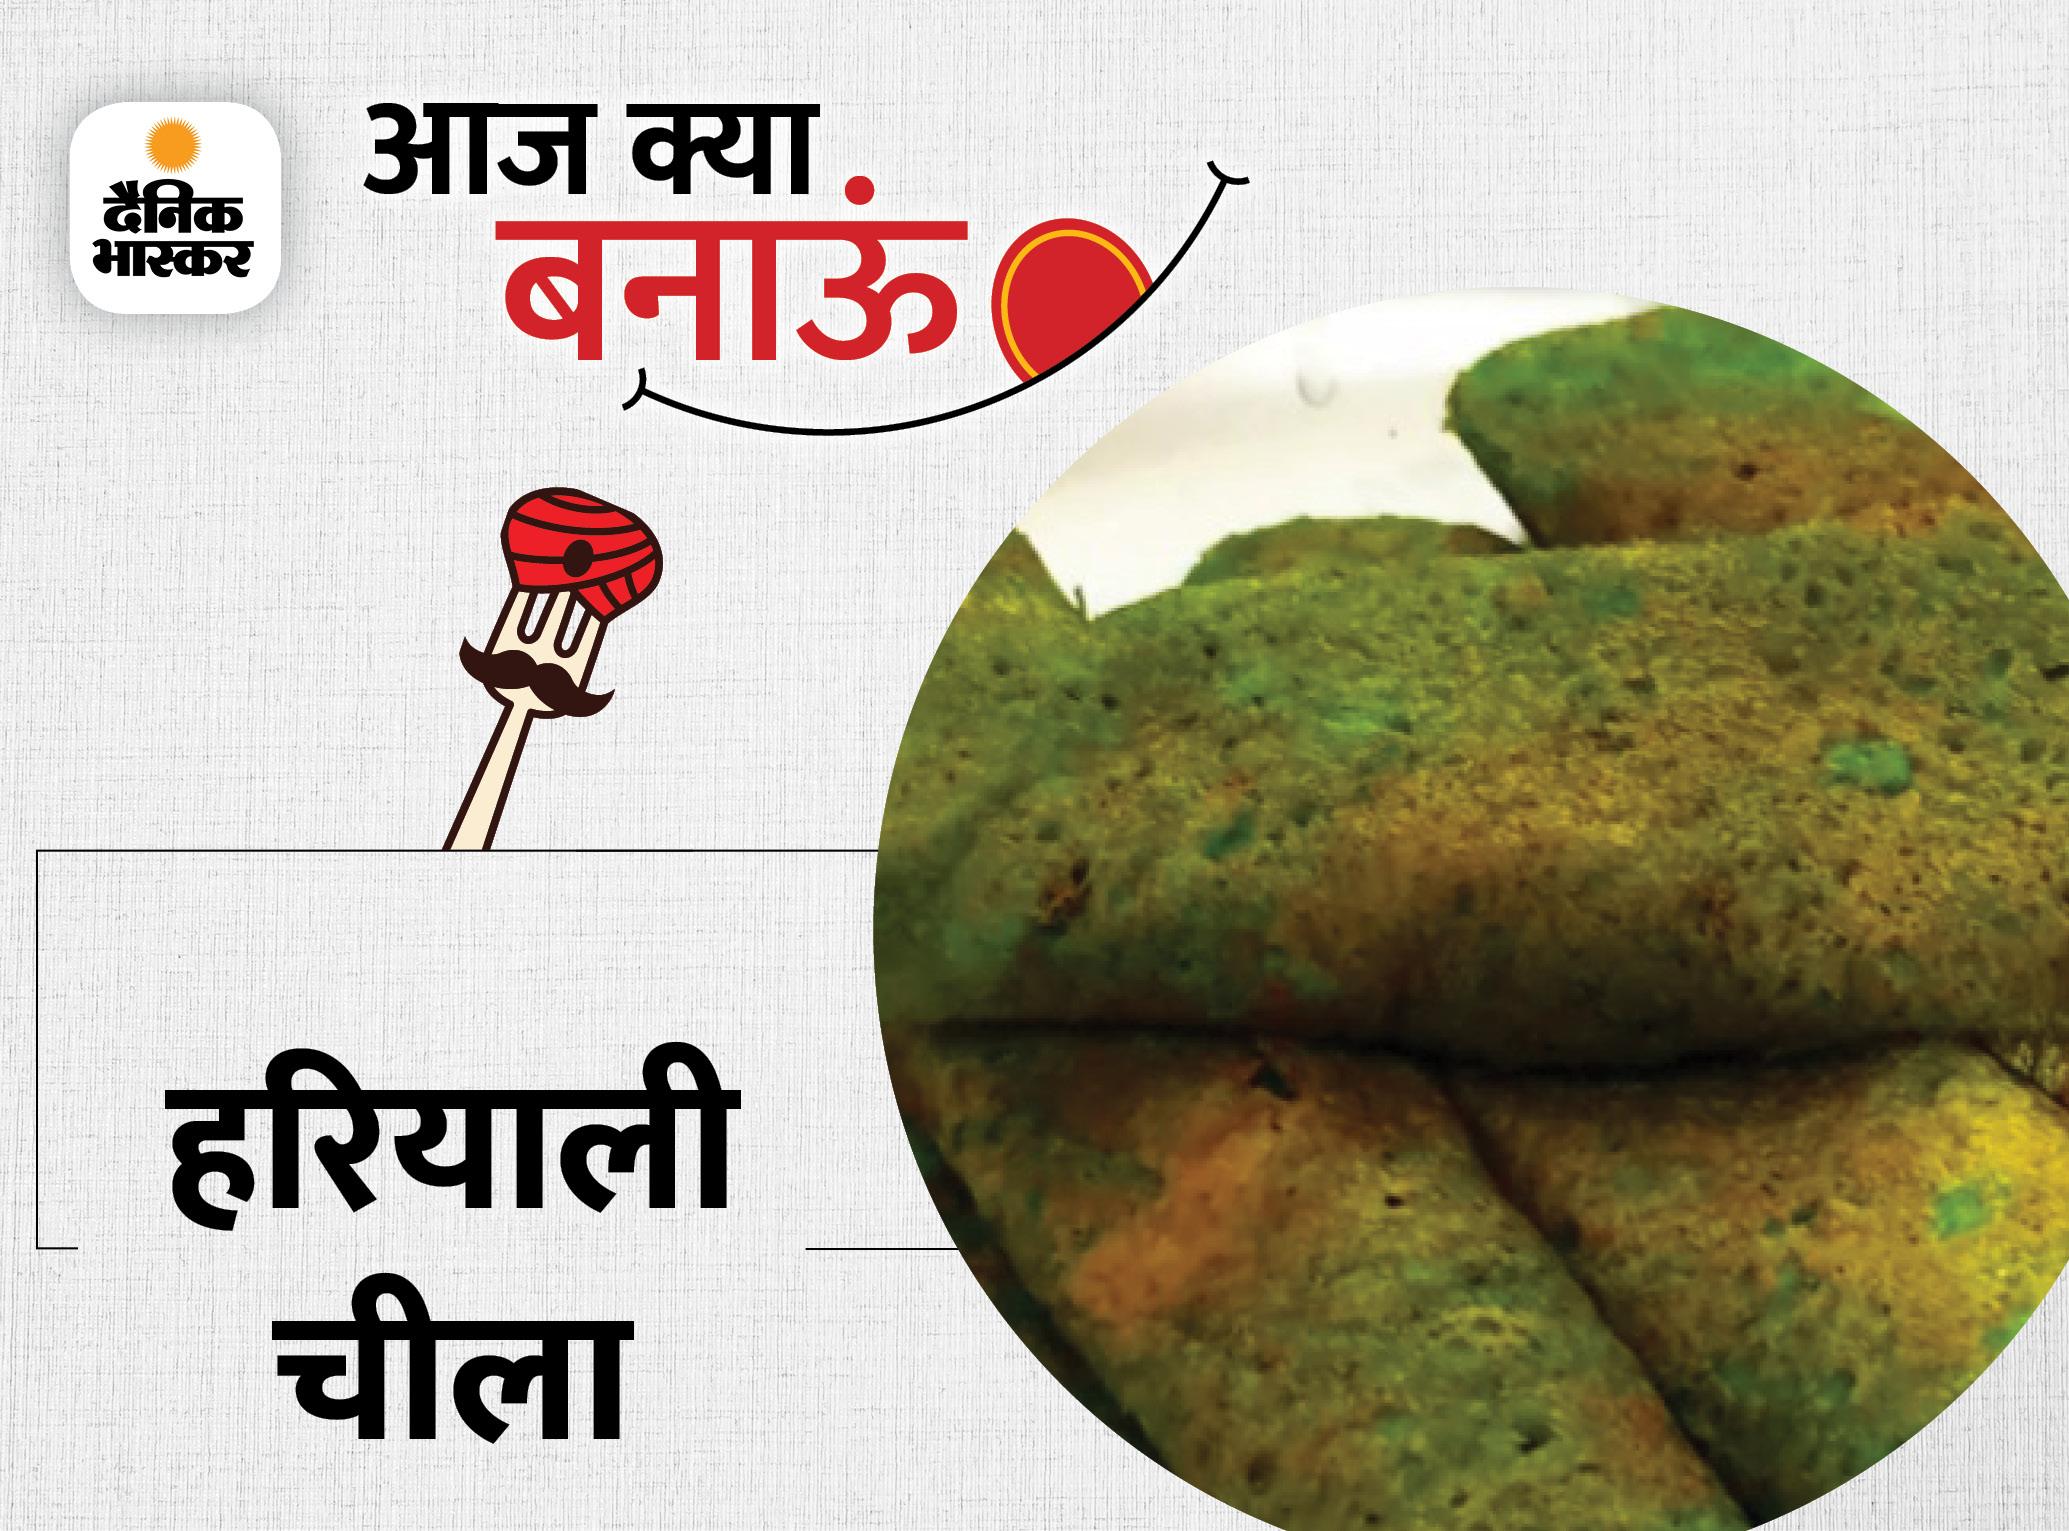 हेल्दी और टेस्टी हरियाली चीला बनाने का आसान तरीका, इसे चटनी, चाय या सॉस के साथ सर्व करें|लाइफस्टाइल,Lifestyle - Dainik Bhaskar